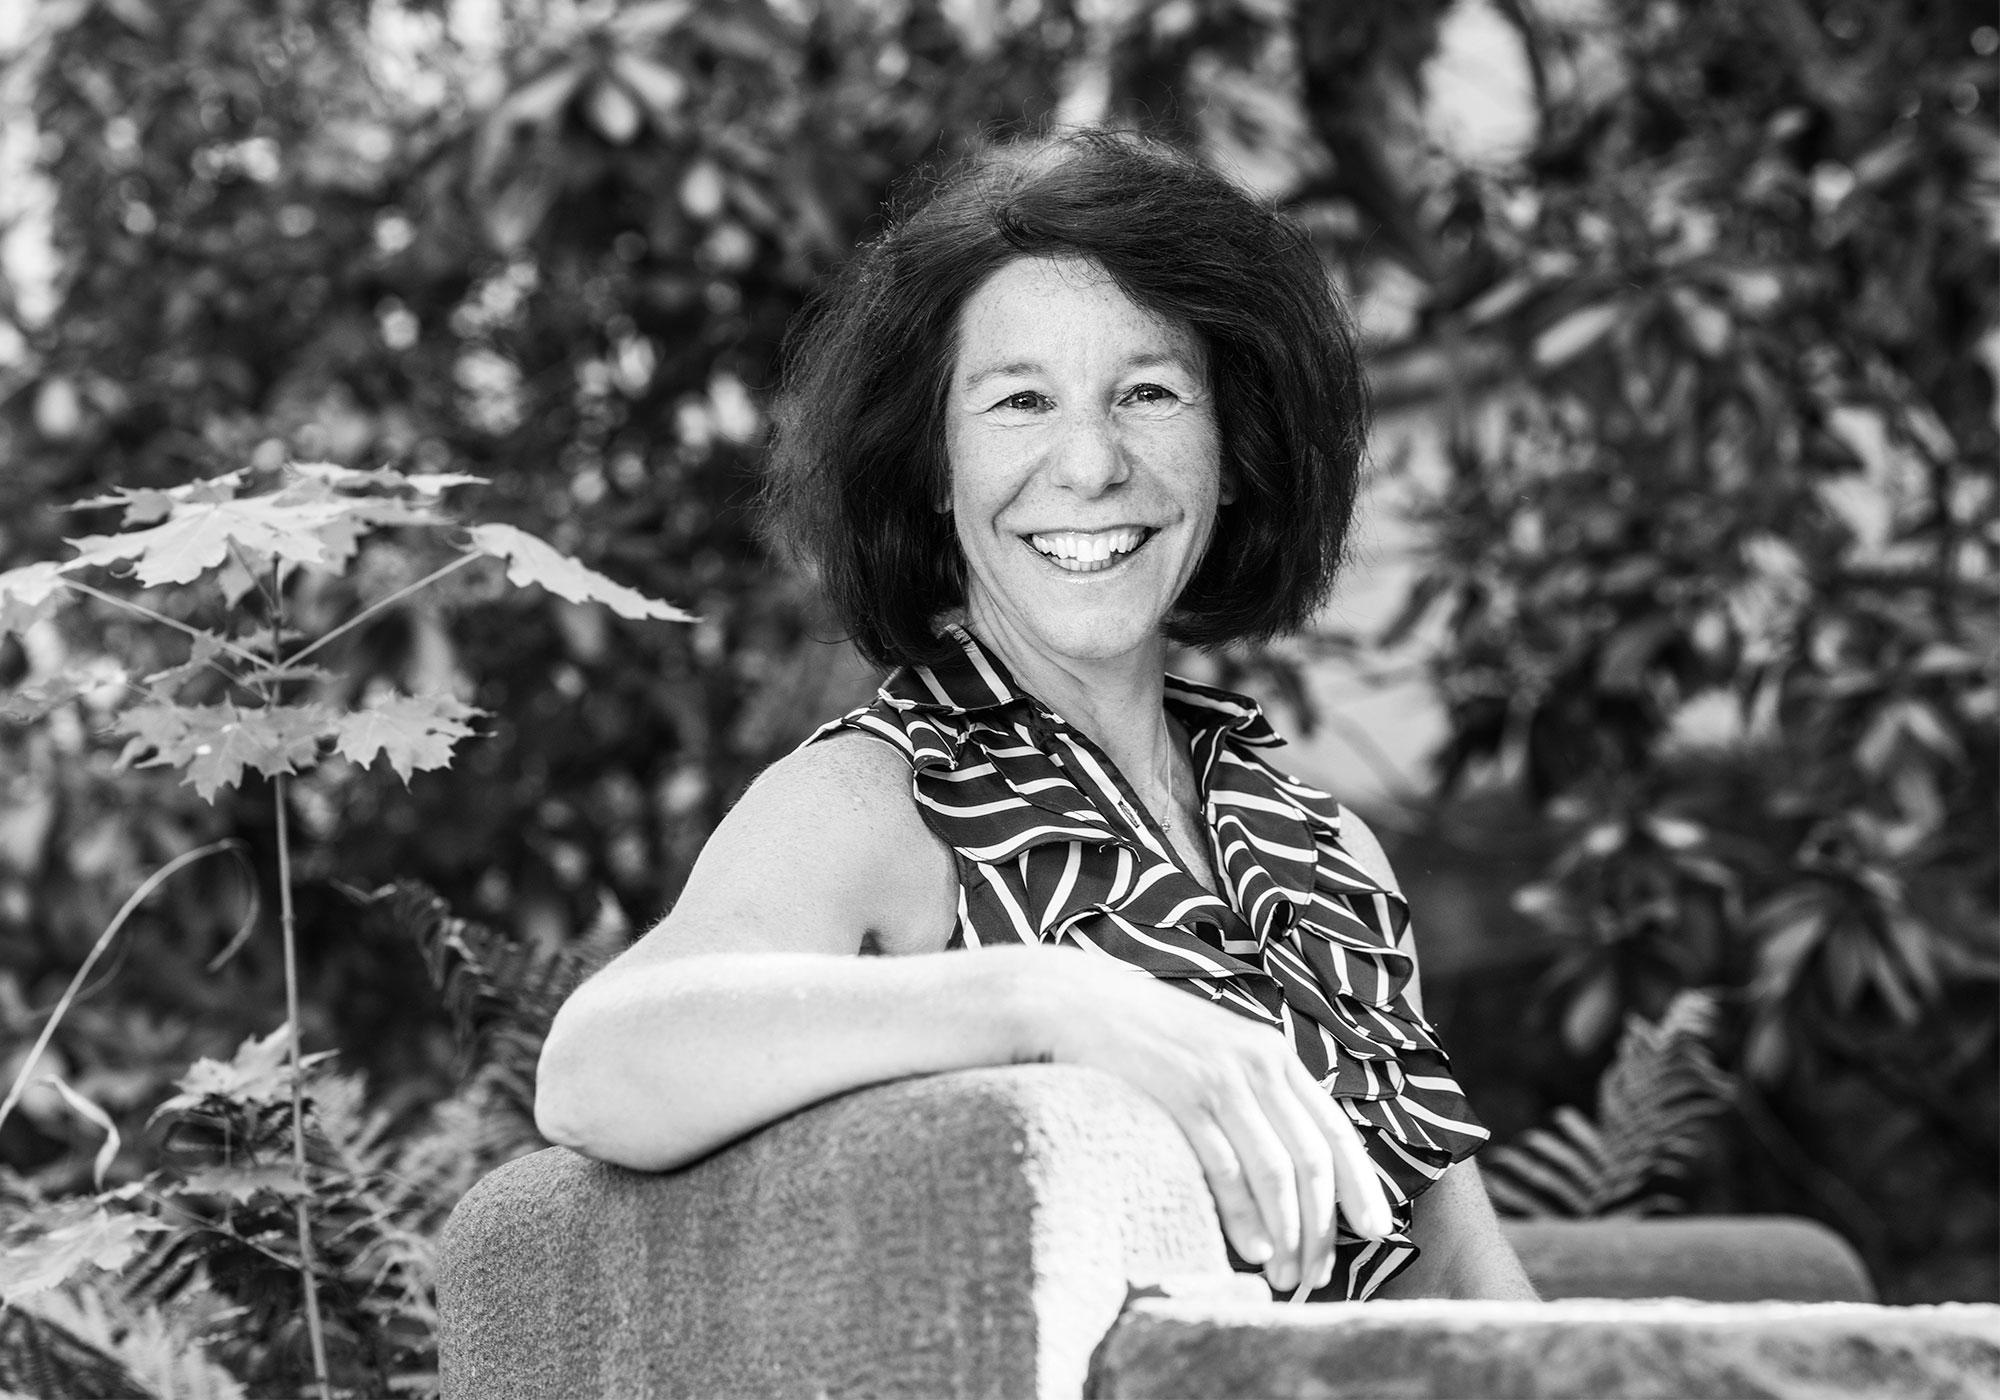 Urologe Langenfeld: Dr. med. Maria Kunze, fachärztin für Urologie und Andrologie